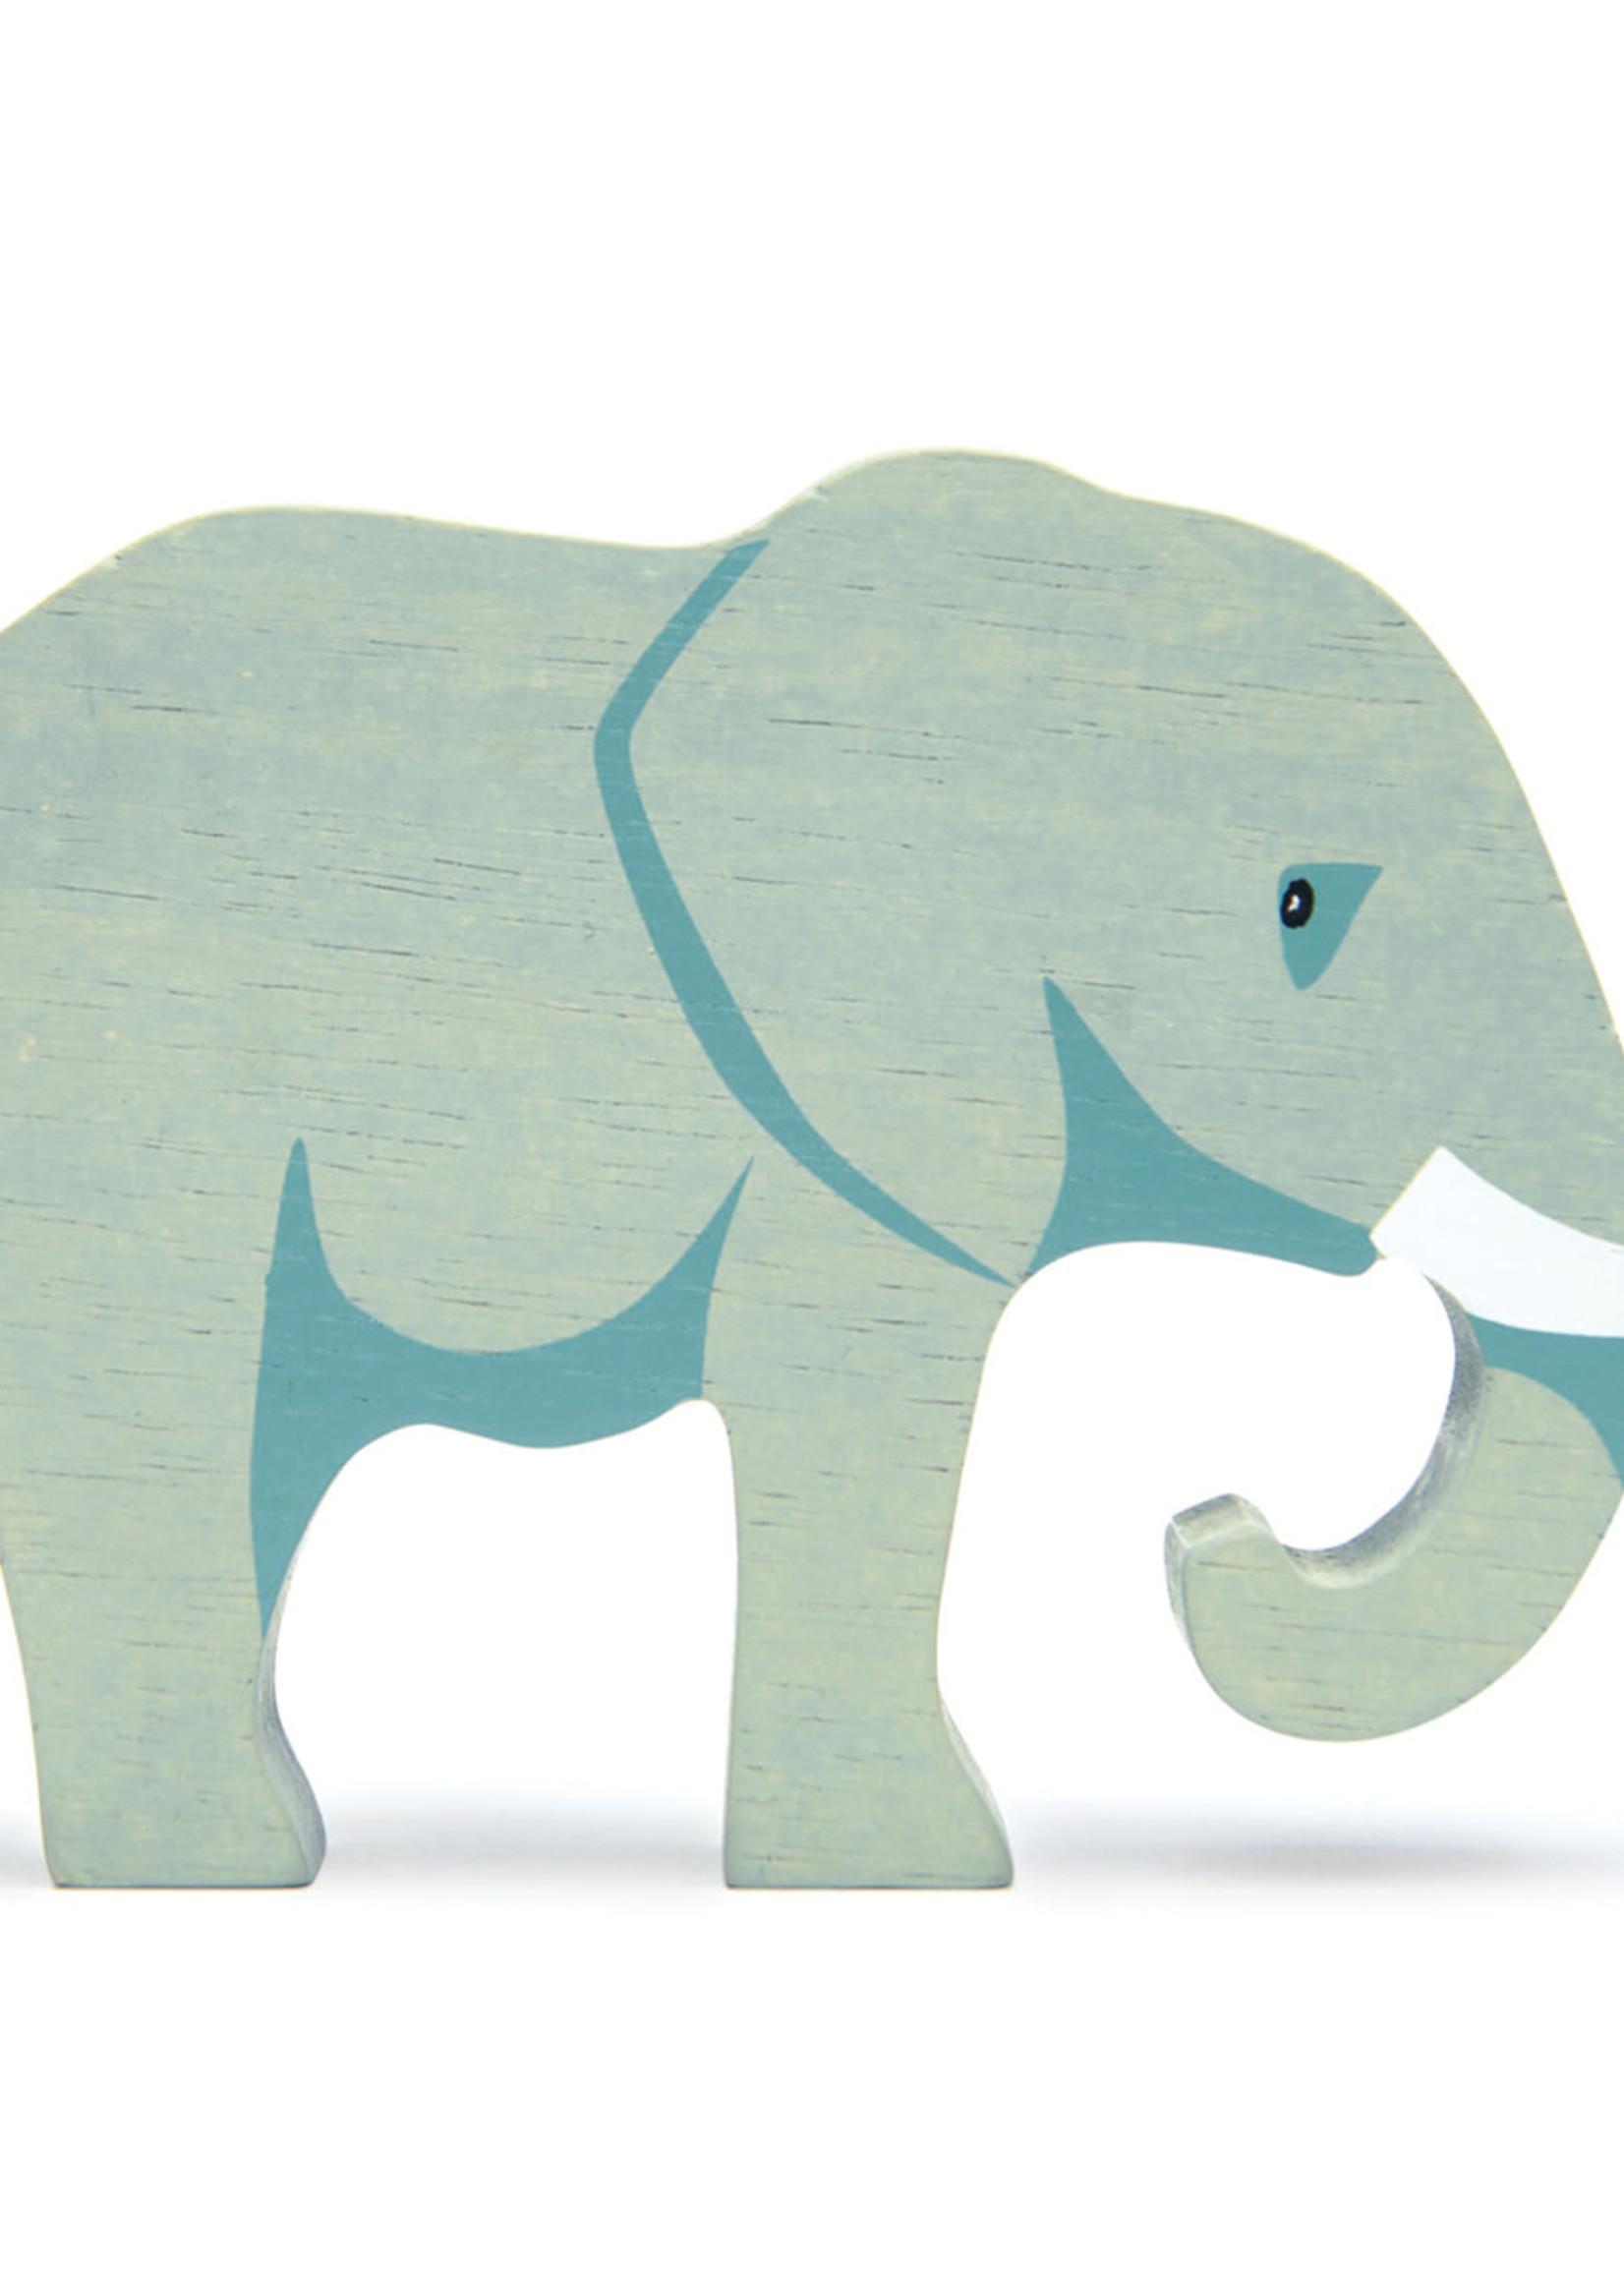 Tender Leaf Toys Safari Animal Elephant